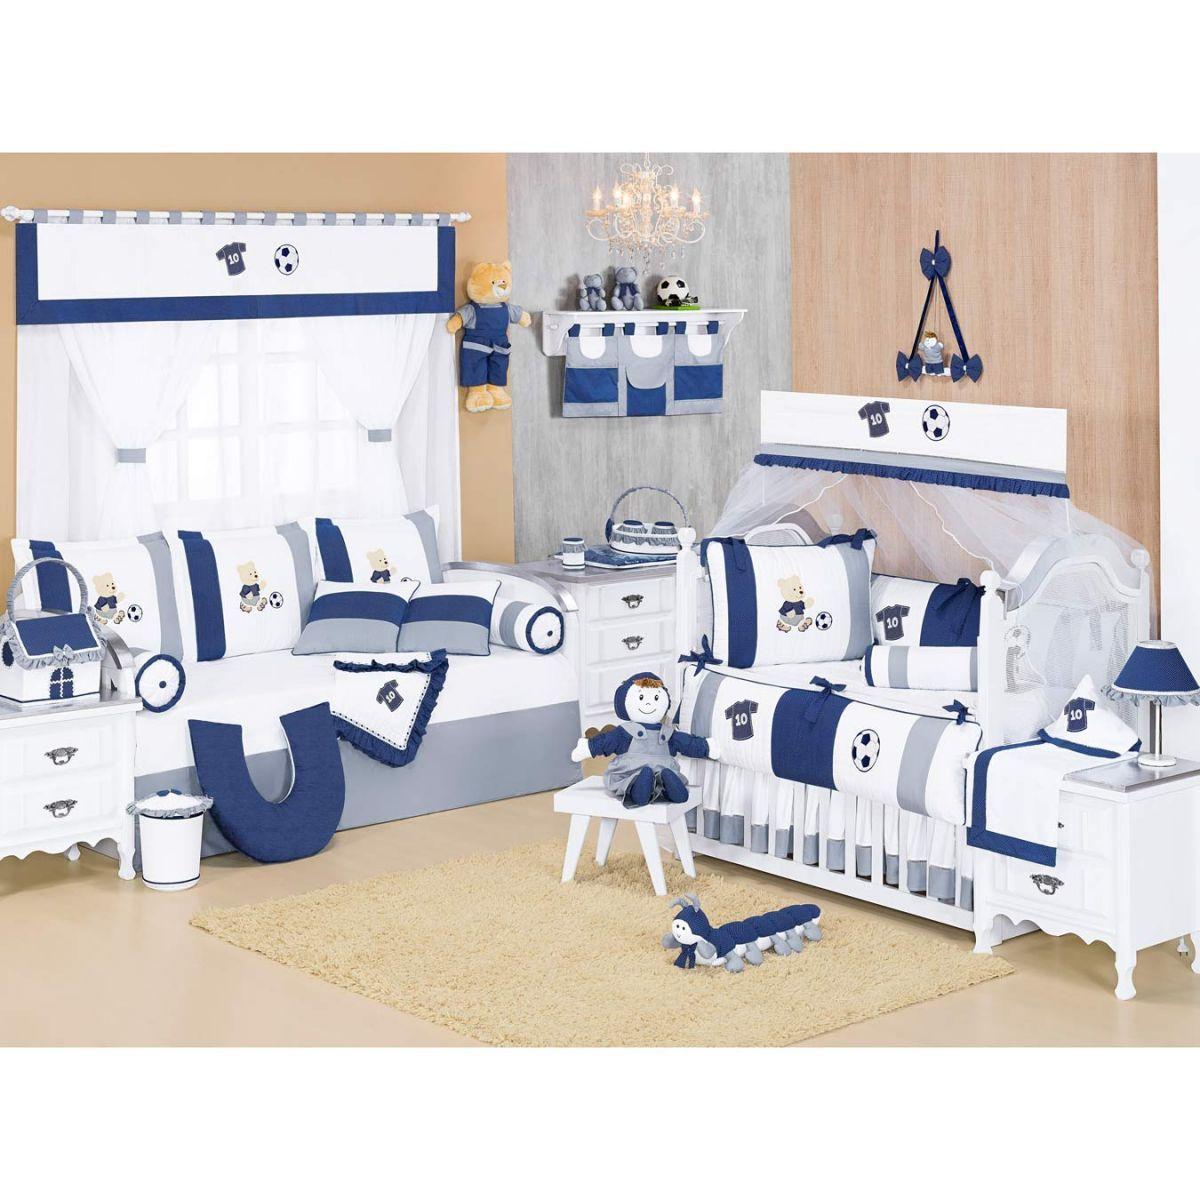 Centopéia decorativa para Quarto Bebê Coleção Futebol - Azul